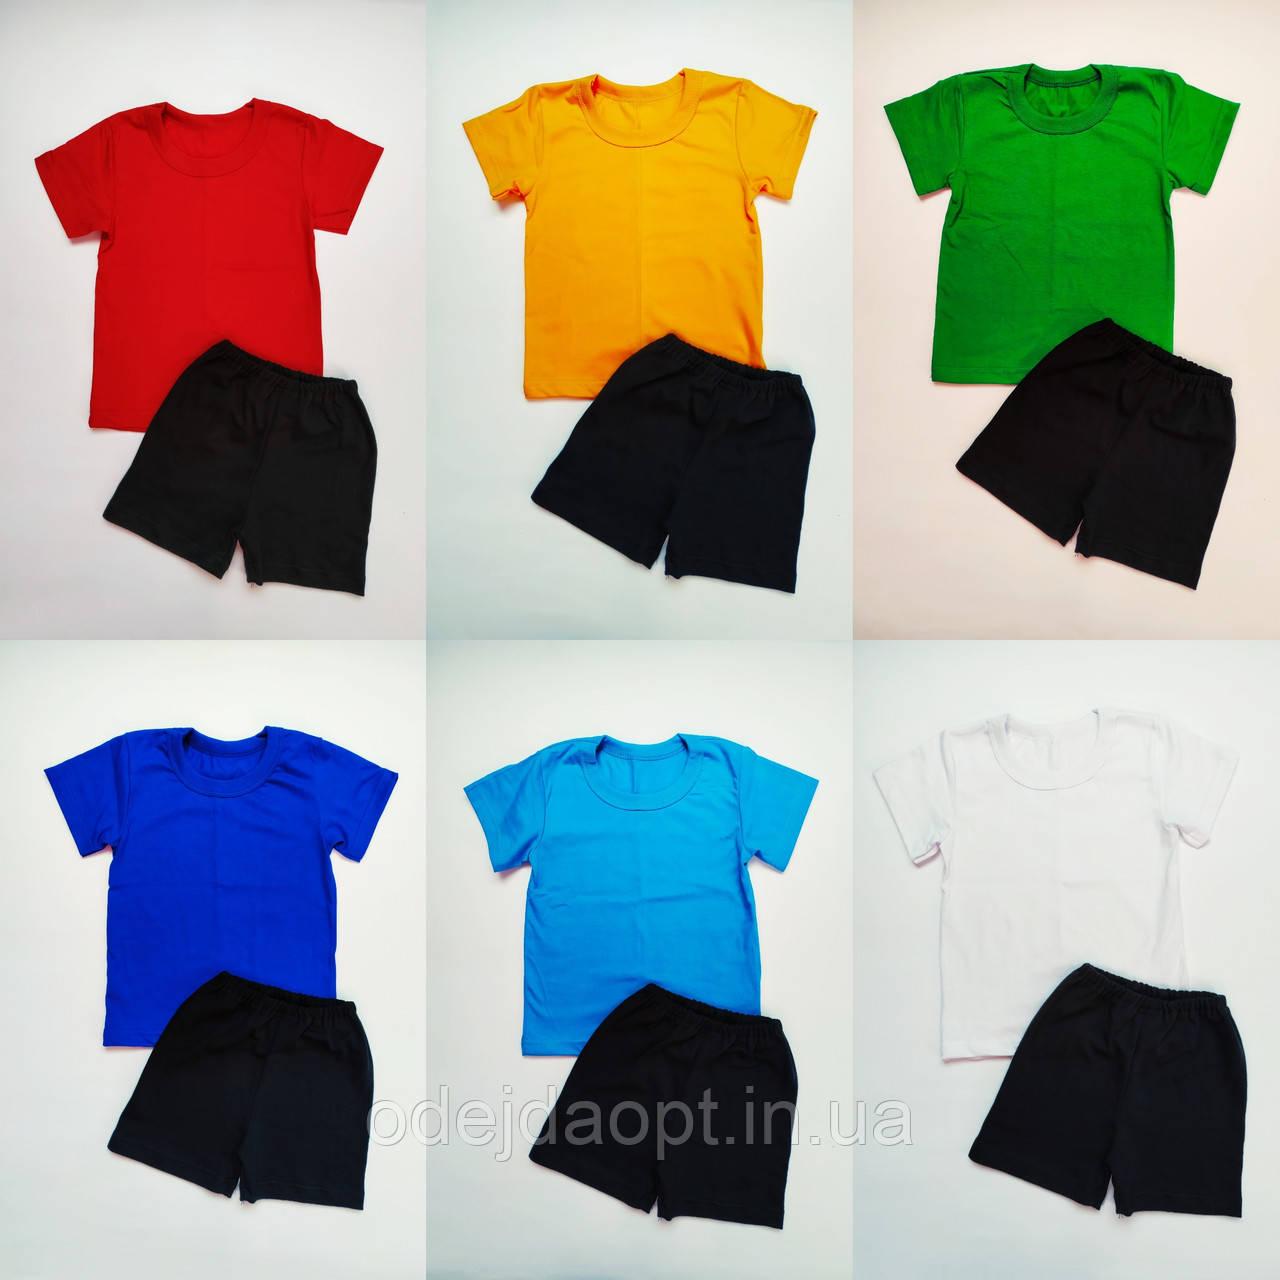 Комплект для детского сада (футболка-хлопок и черные шорты--интерлок)